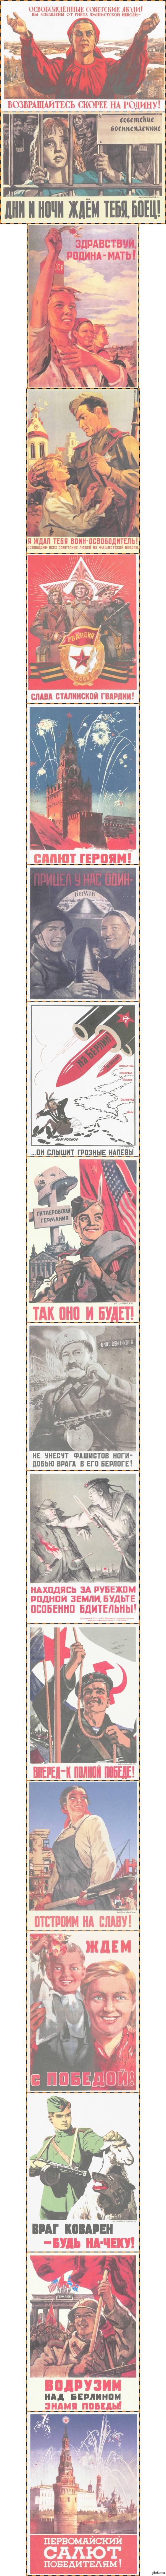 Плакаты великой отечественной войны (1945 год) часть 1